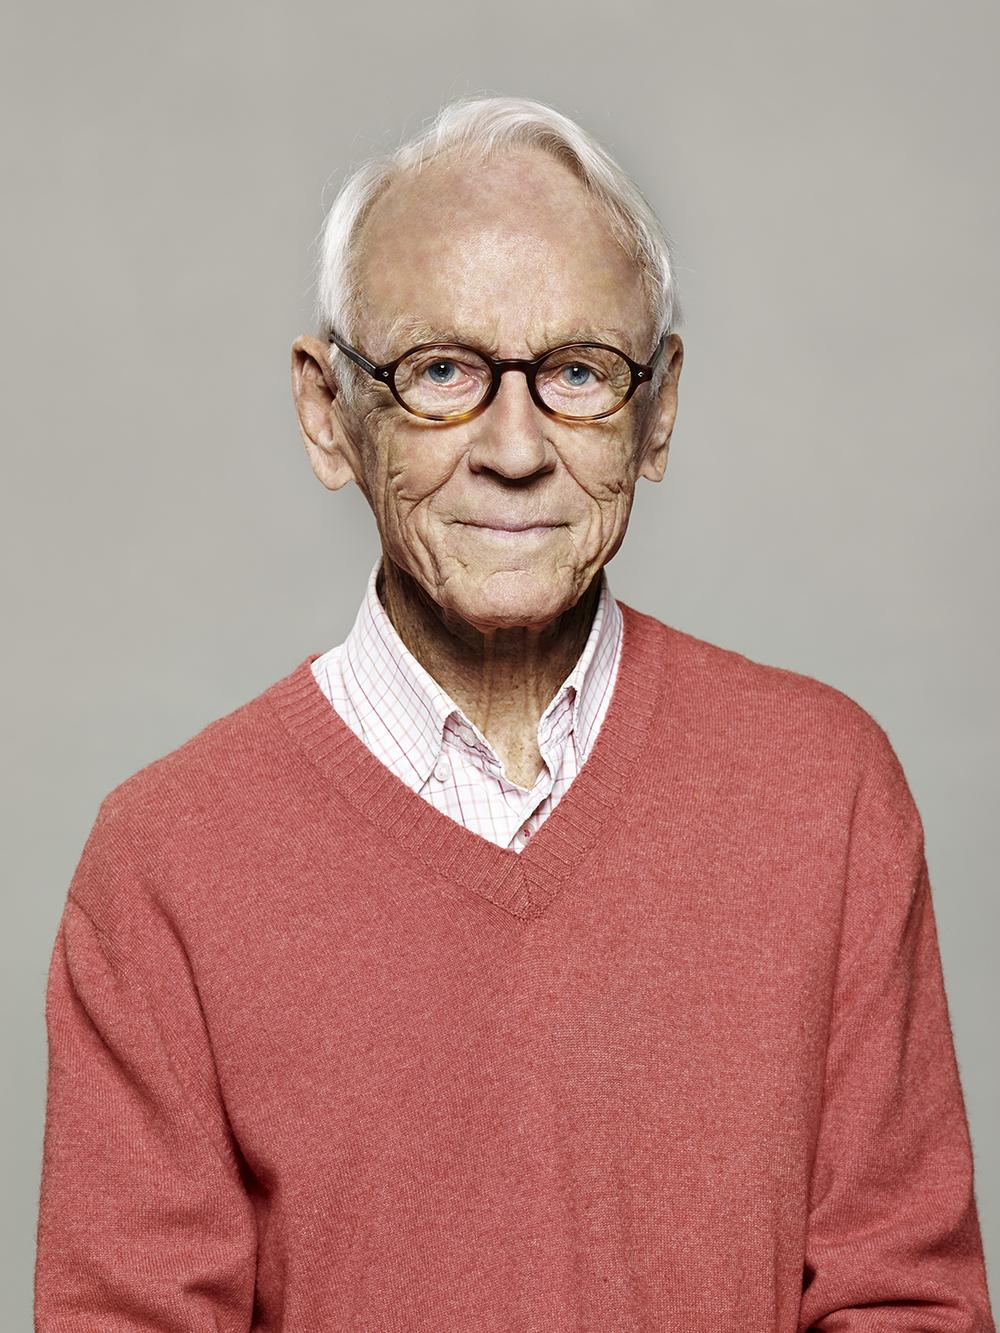 Portræt af Bent Fabricius Bjerre til Thiele kampagne